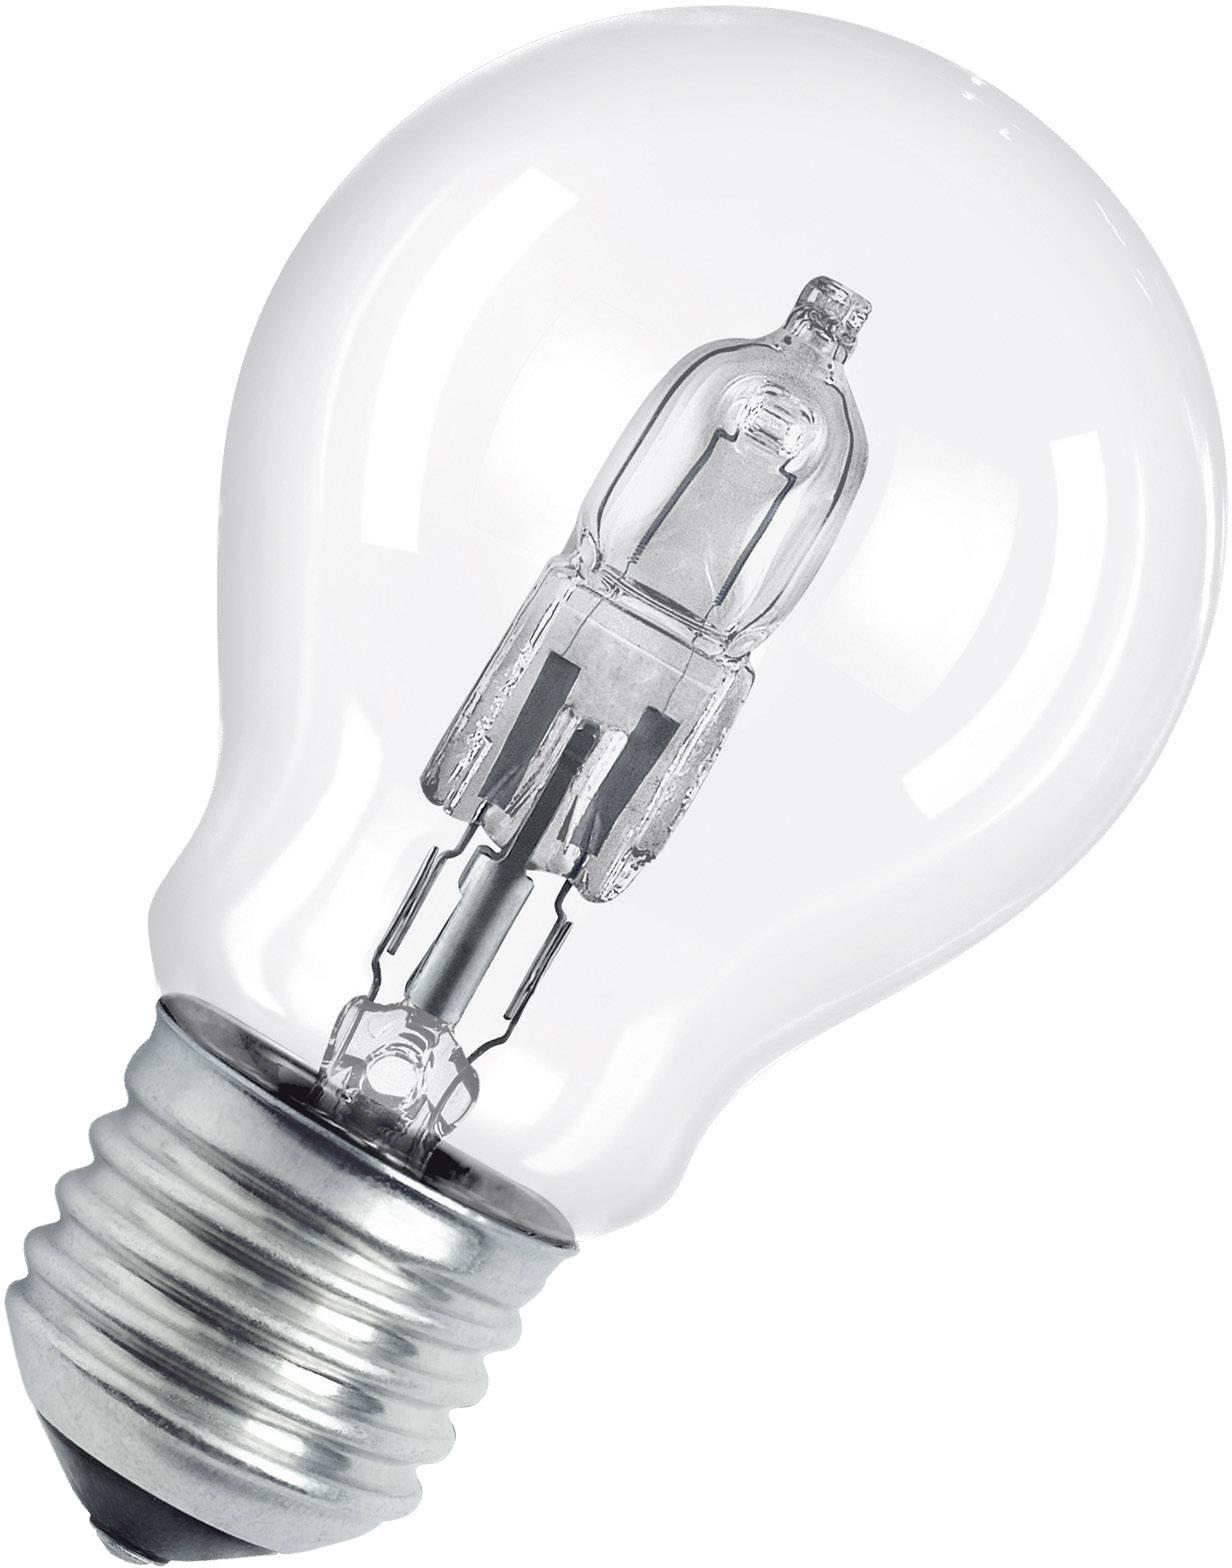 ECO halogénová žiarovka OSRAM 230 V, E27, 57 W, en.trieda: D, teplá biela, 1 ks